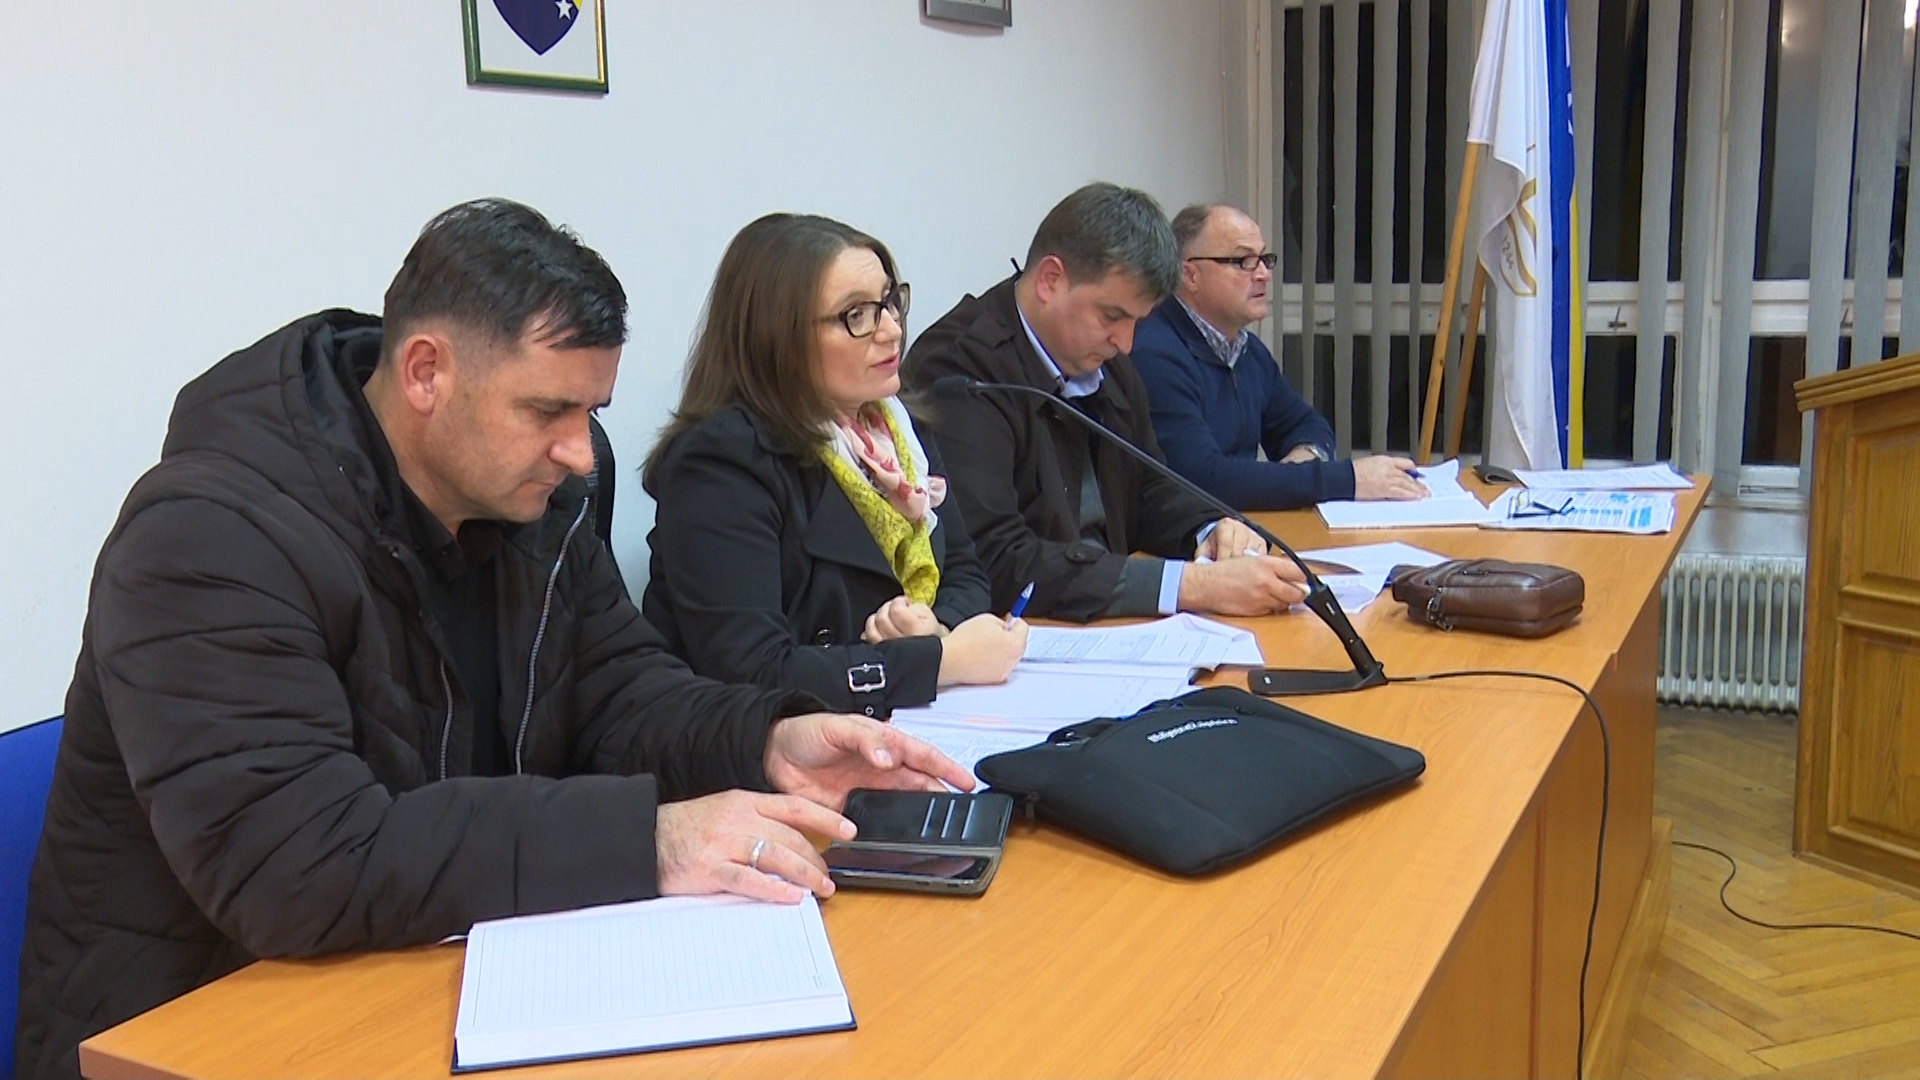 Centralna javna rasprava o nacrtu budžeta